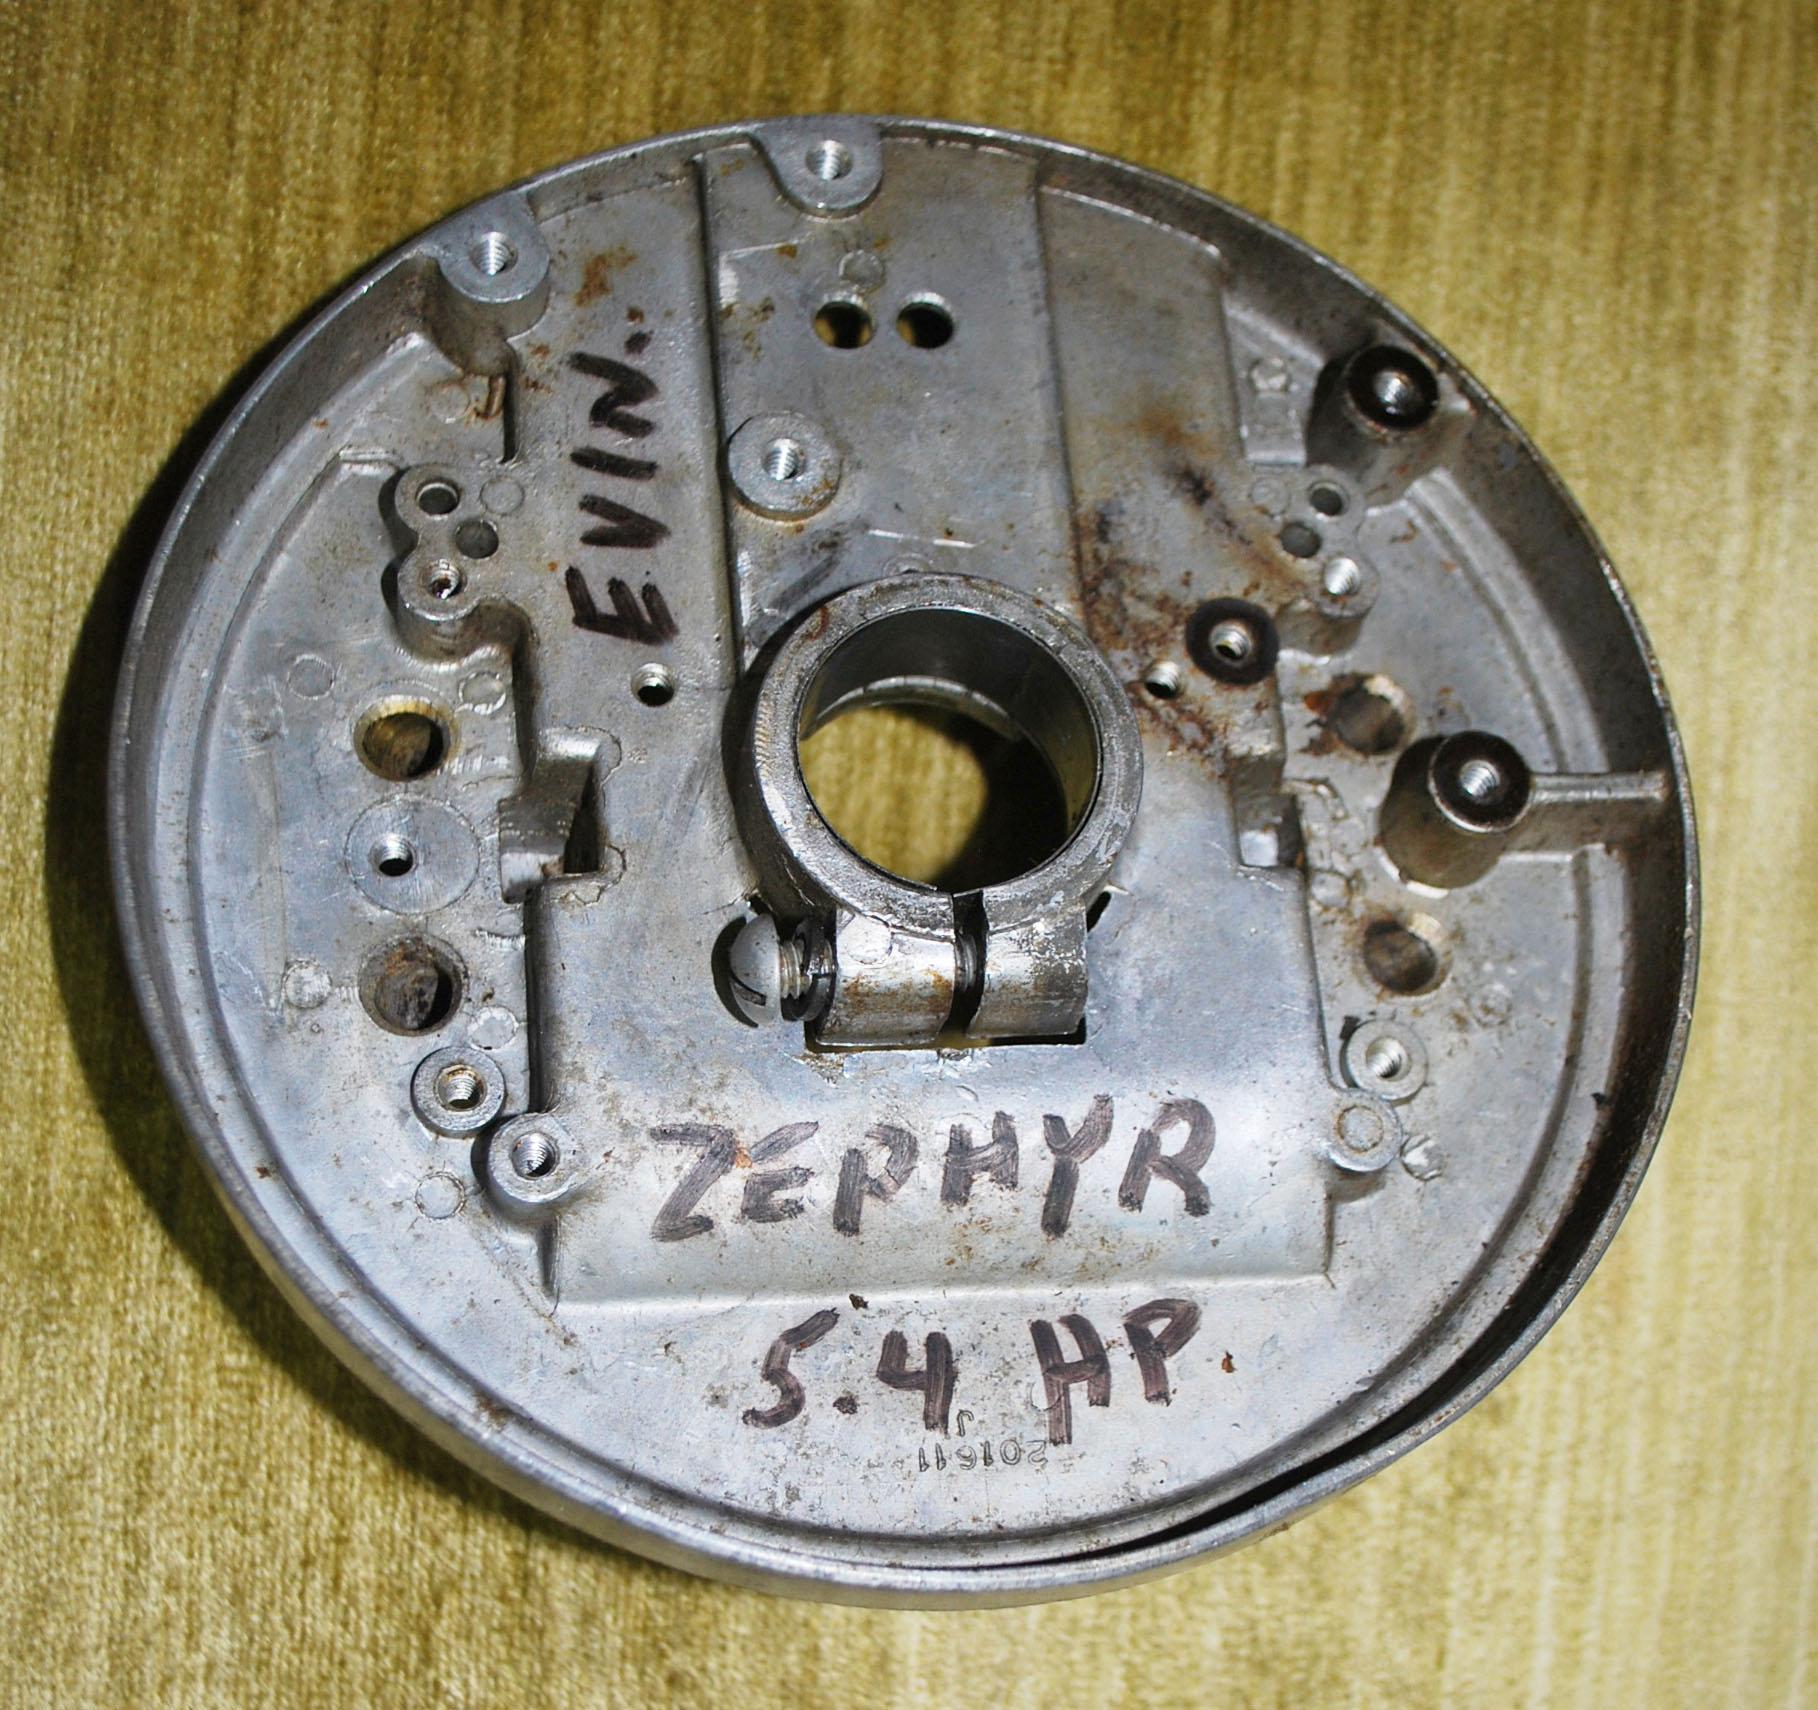 1946 Evinrude Zephyr 5 4 HP Outboard Parts